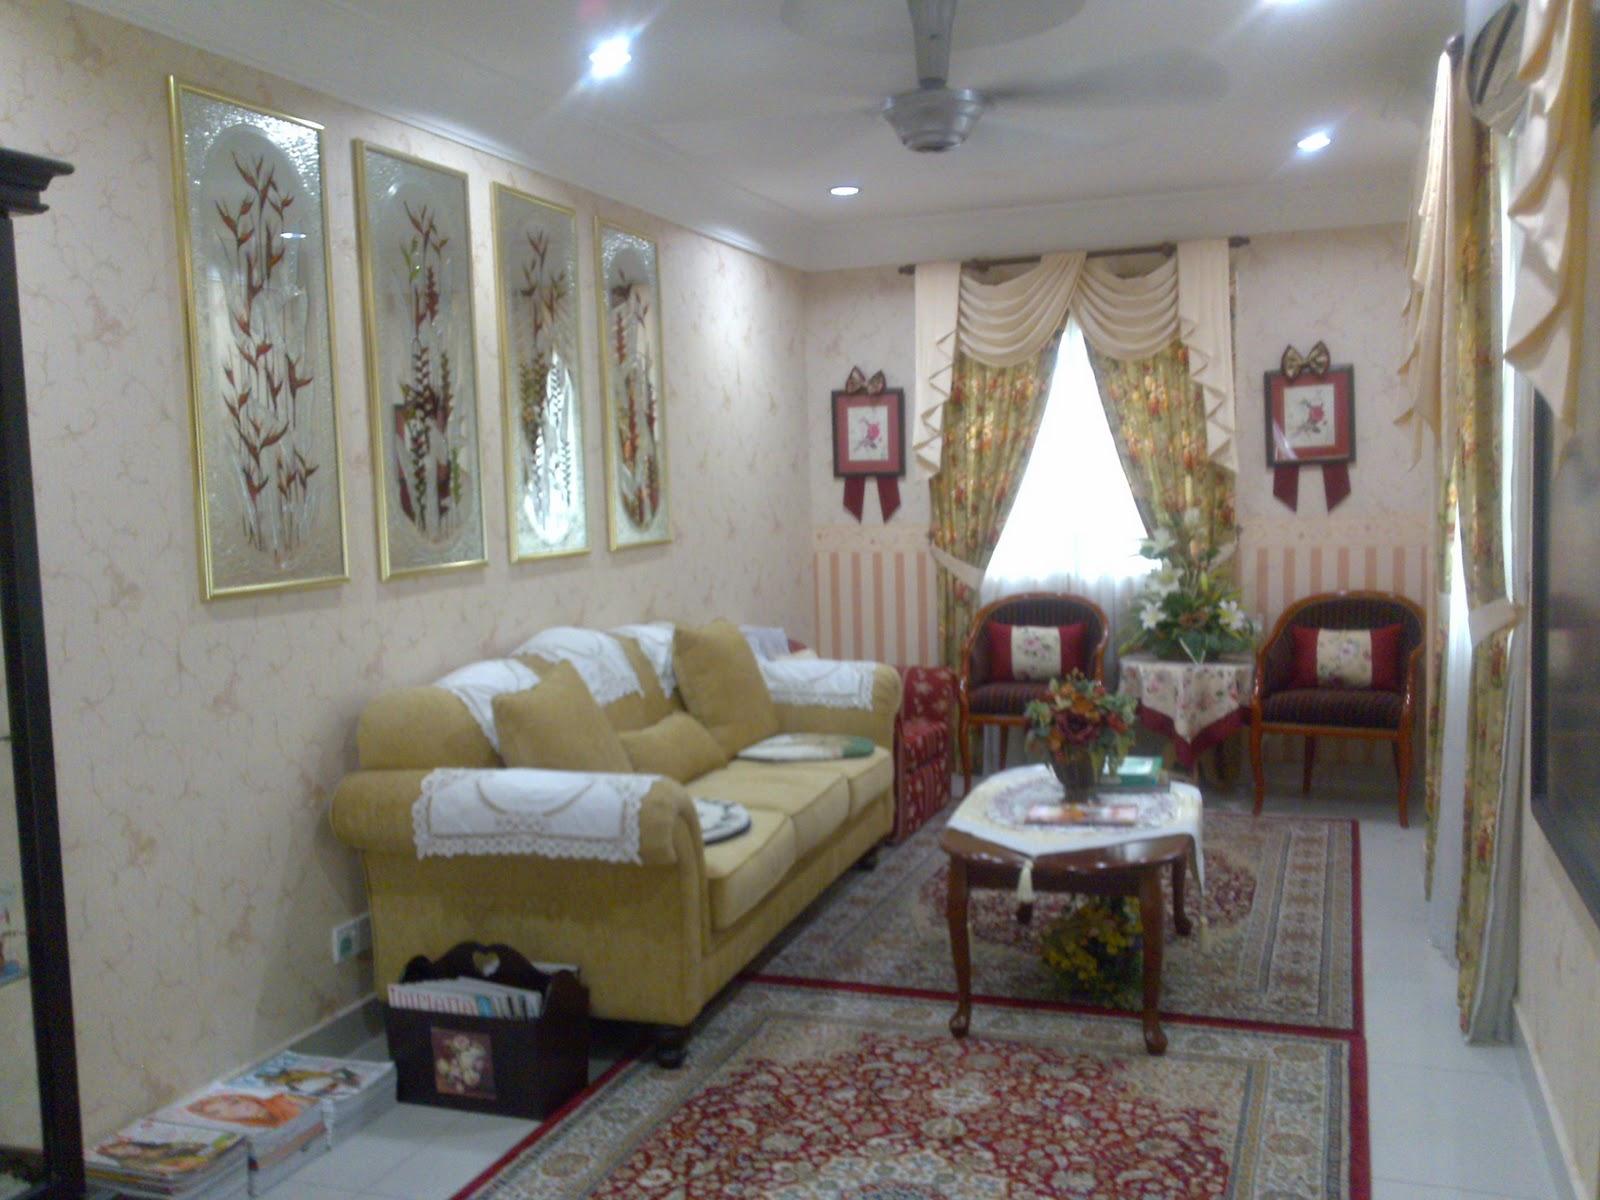 Ruang Tamu Ketiga Yang Juga Menjadi Untuk Majlis Solat Hajat Usrah Dan Bacaan Yin Hiasan Dindingnya Dengan Frame Cermin Bercorak Bunga